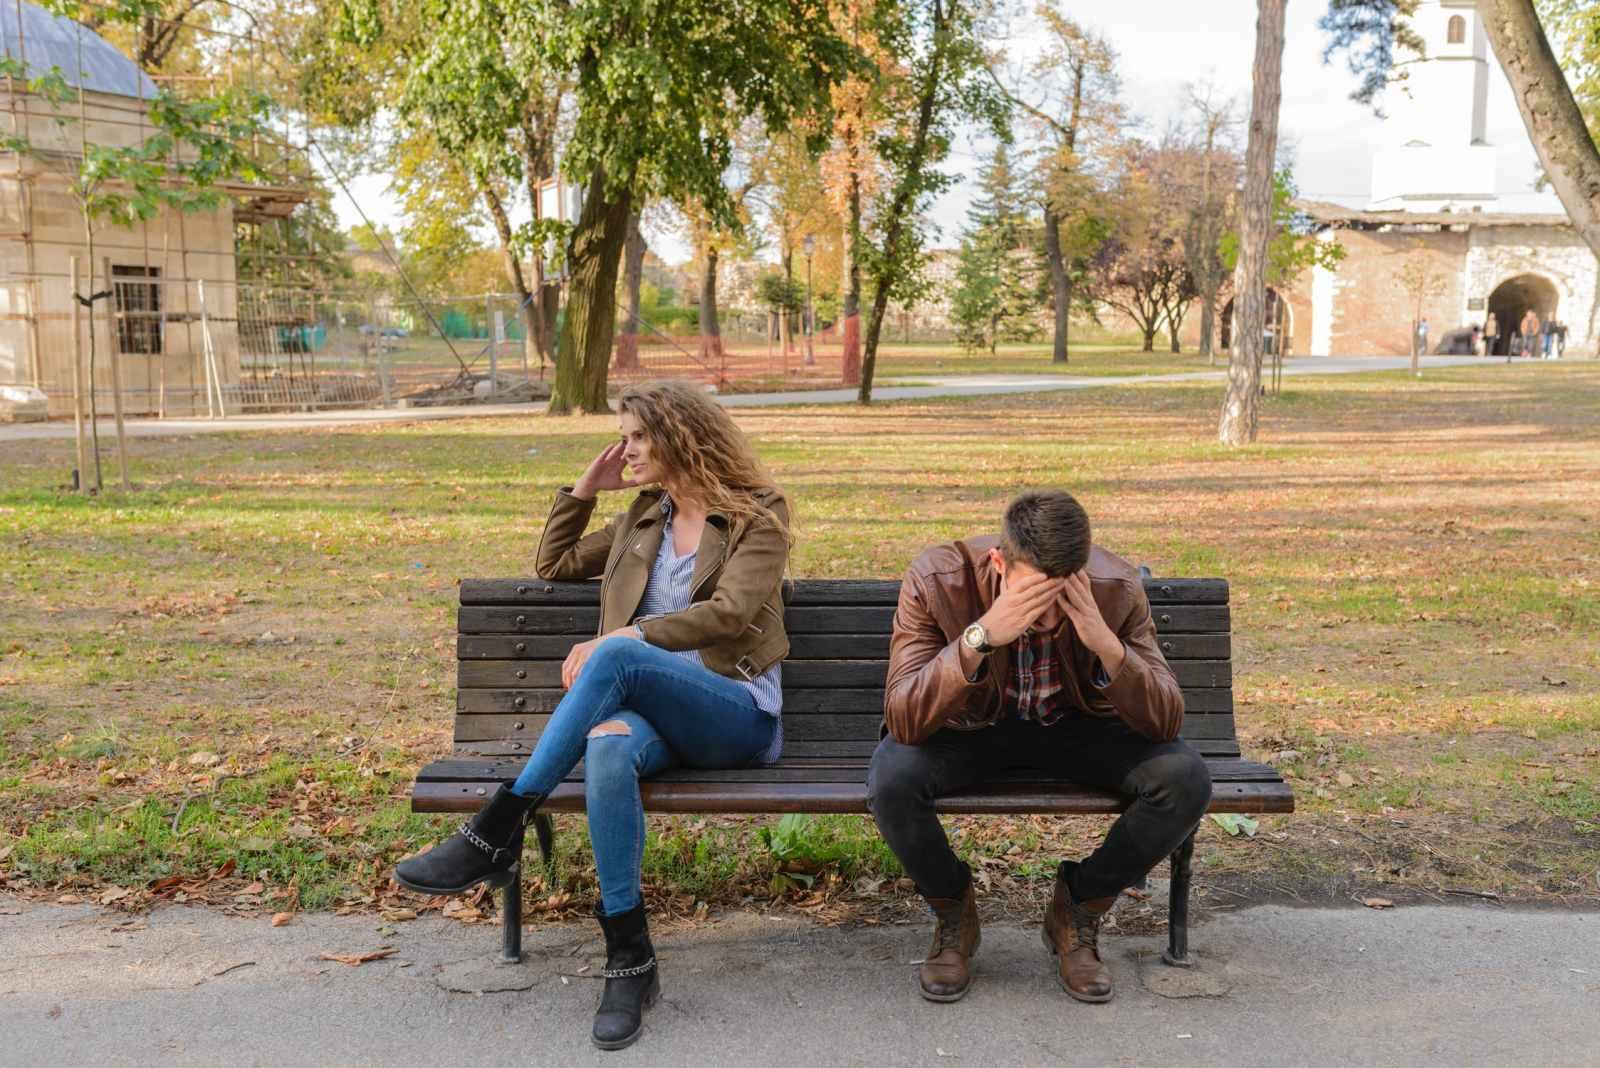 Unhappy couple on bench